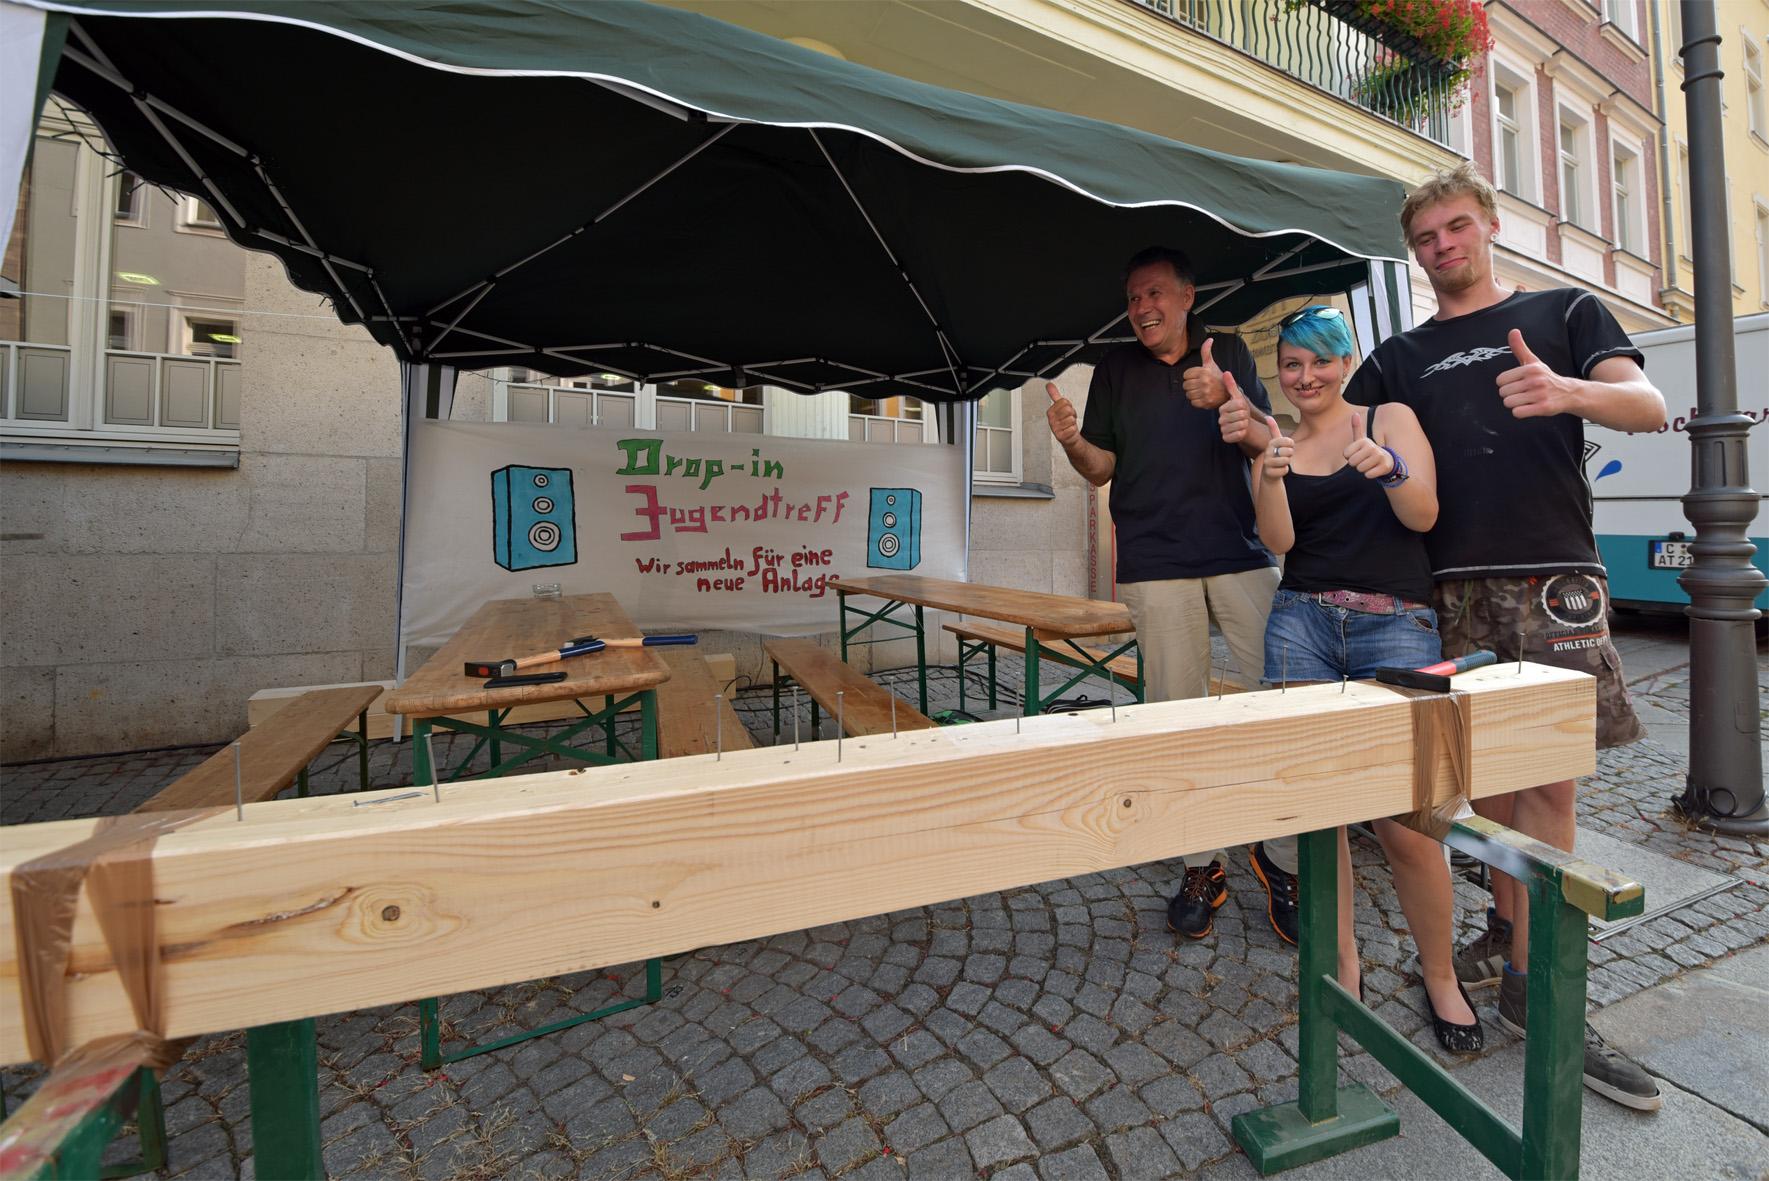 Reinhard Kreuz vom Lions Club Mittweida (links) freut sich mit Jessica und Nick vom drop in auf viele Besucher, die sich für die neue Musikanlage am Nagelbalken ins Zeug legen. Das Plakat haben die Jugendlichen selbst erstellt.